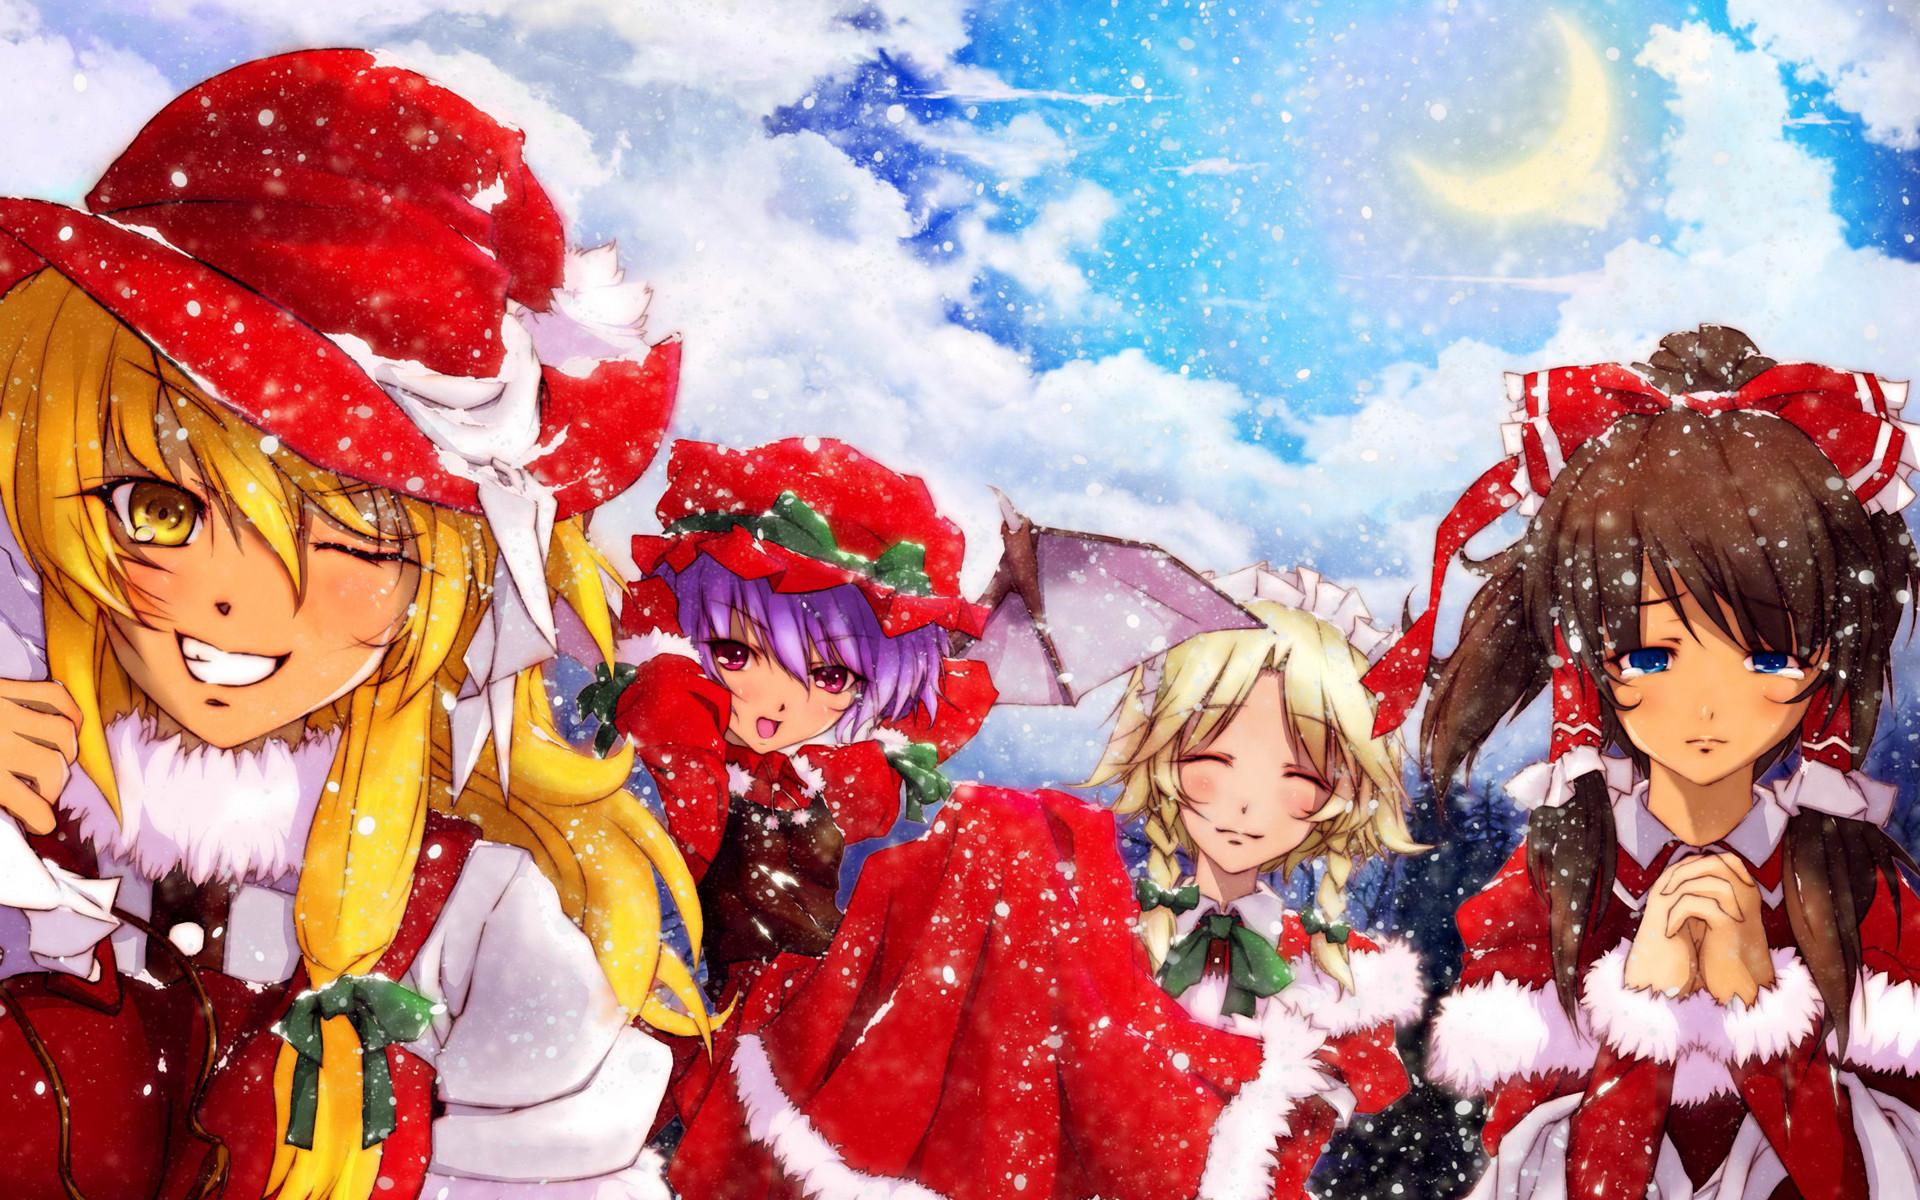 Anime Christmas Wallpaper.44 Anime Christmas Wallpaper Hd On Wallpapersafari